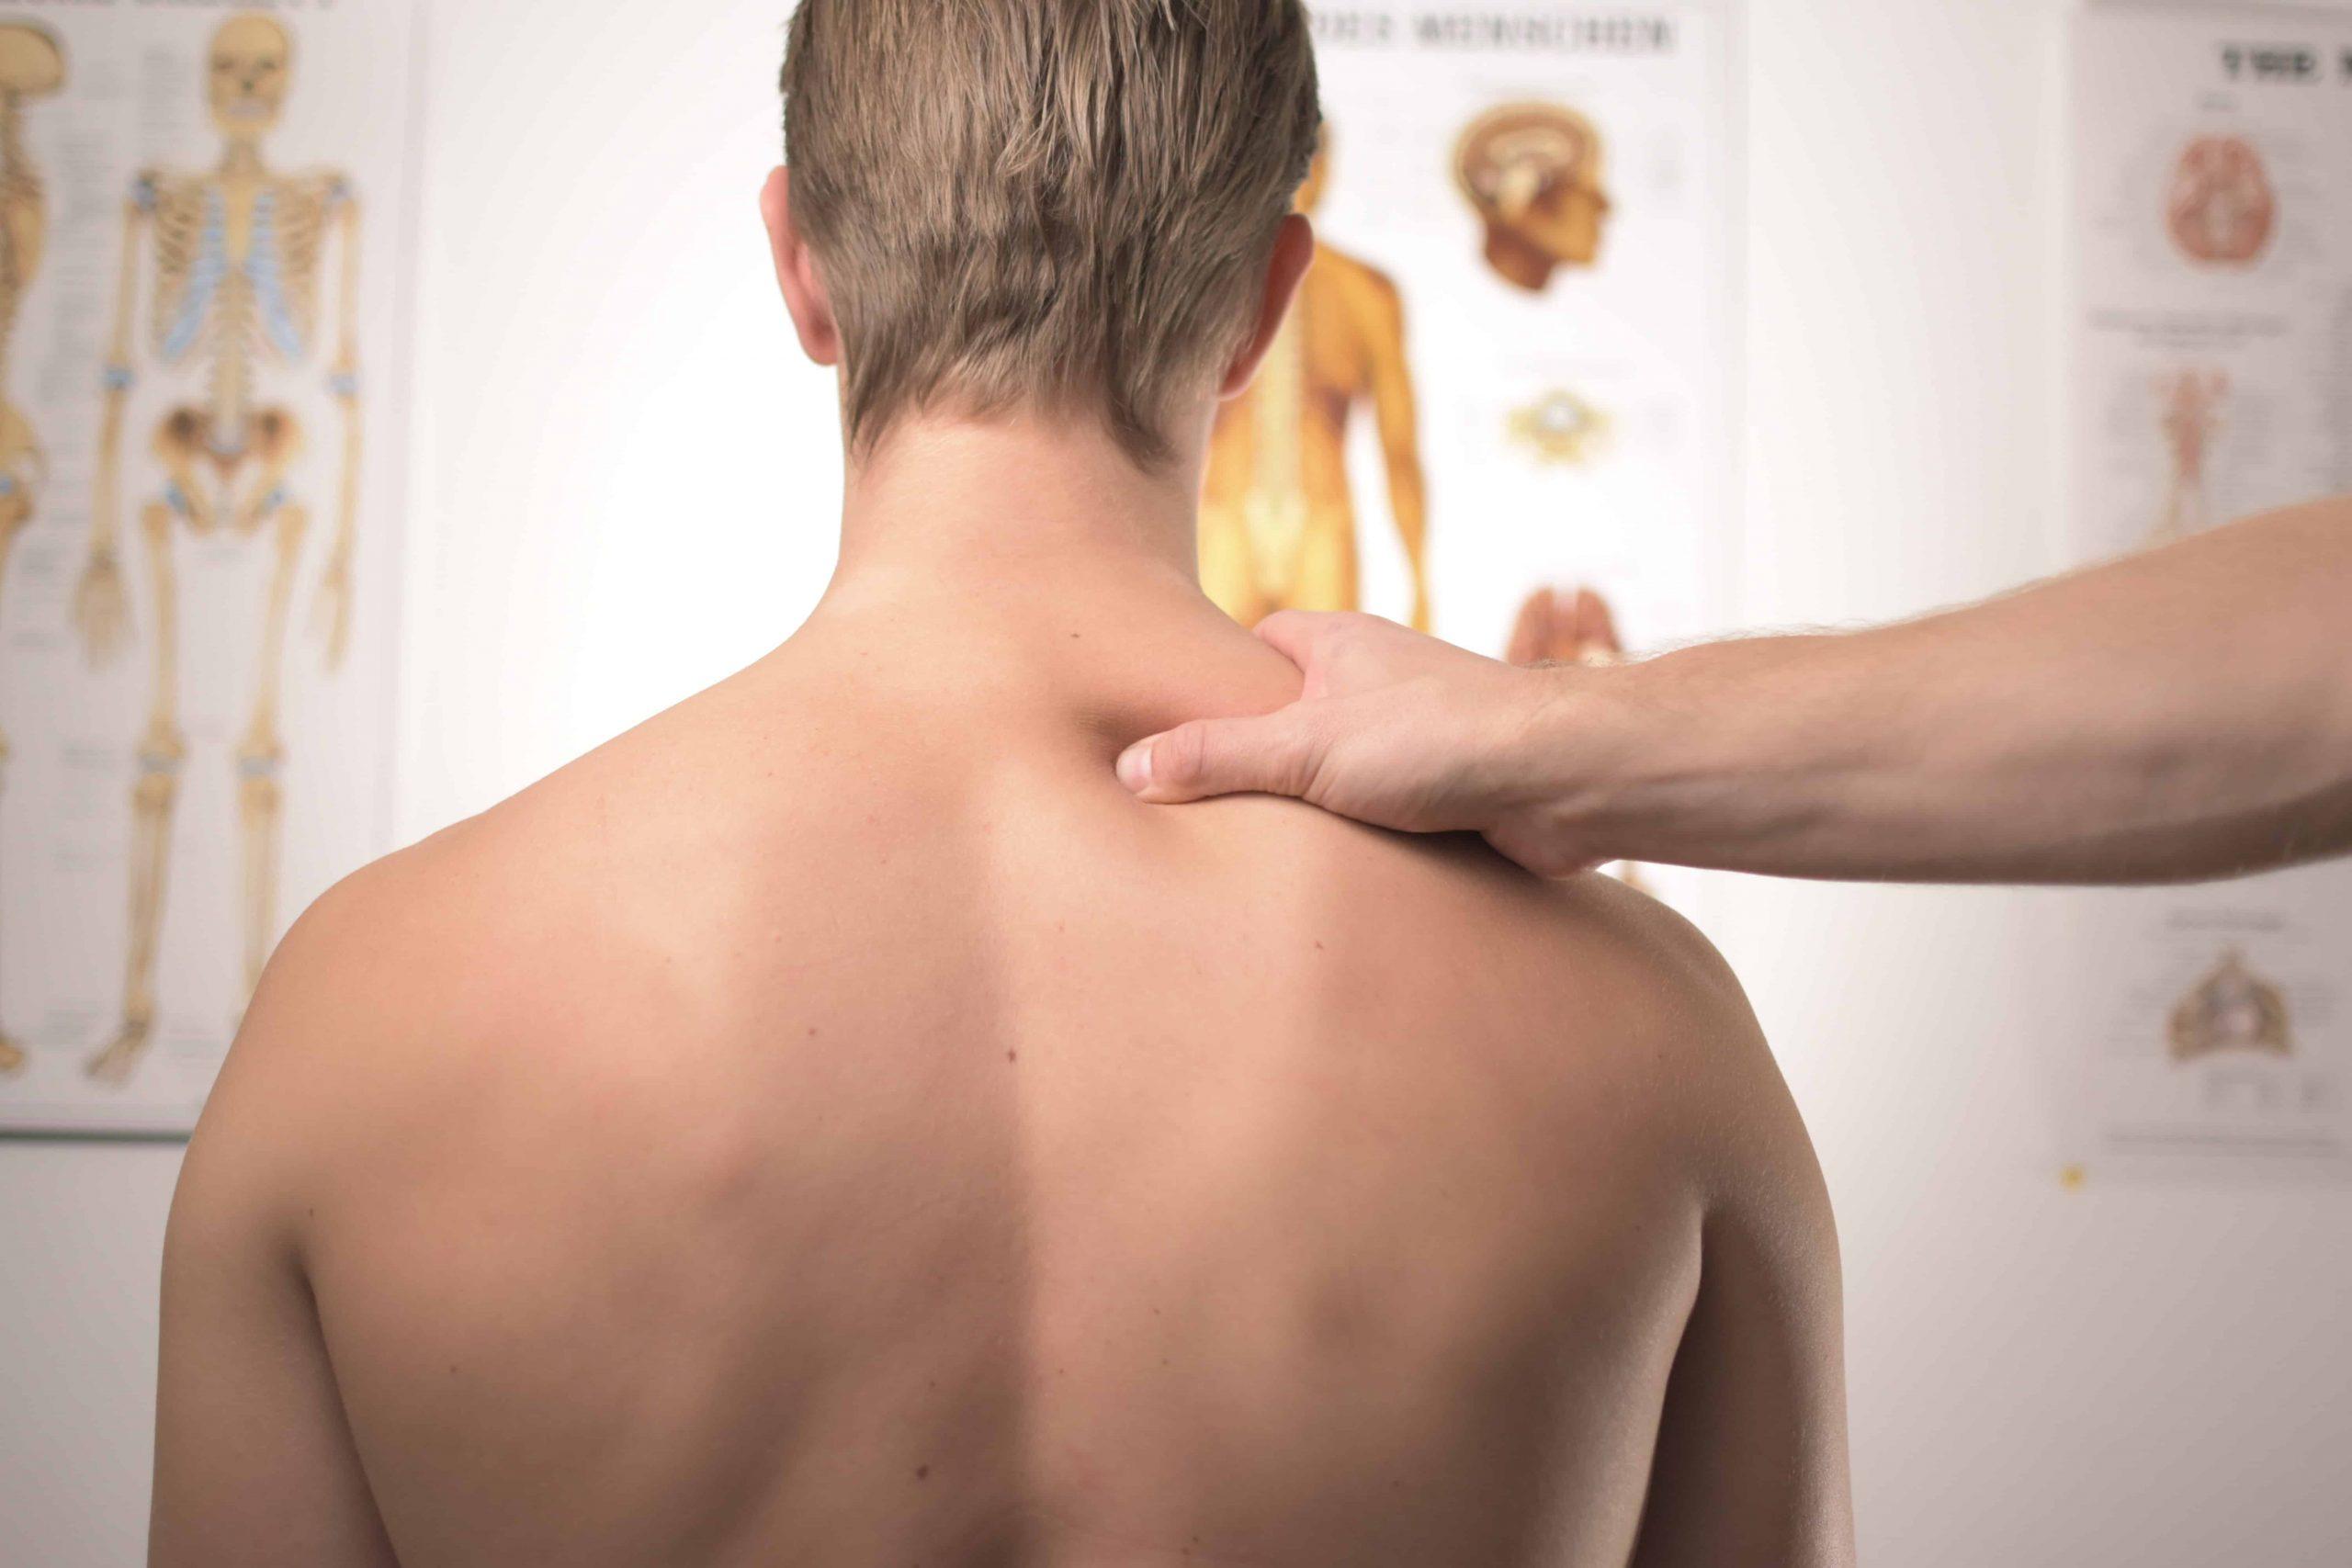 Massagegürtel: Test & Empfehlungen (08/20)